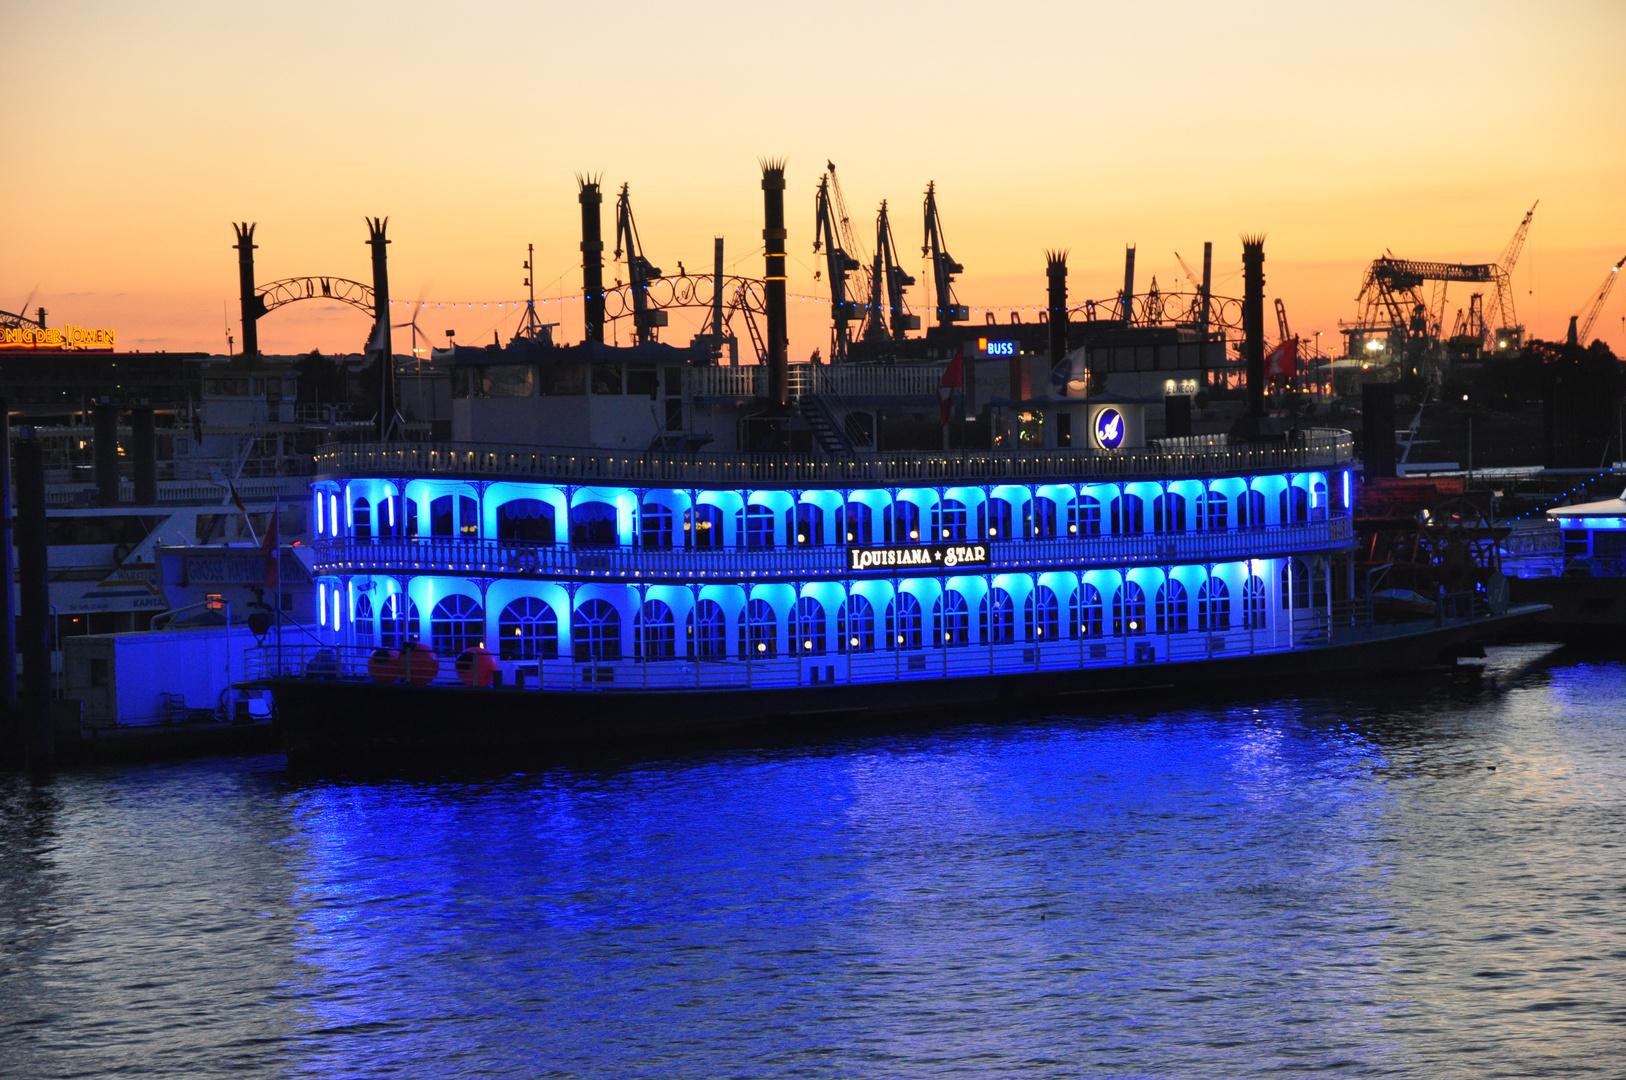 Blau trifft Rot in der Abenddämmerung am Hamburger Hafen